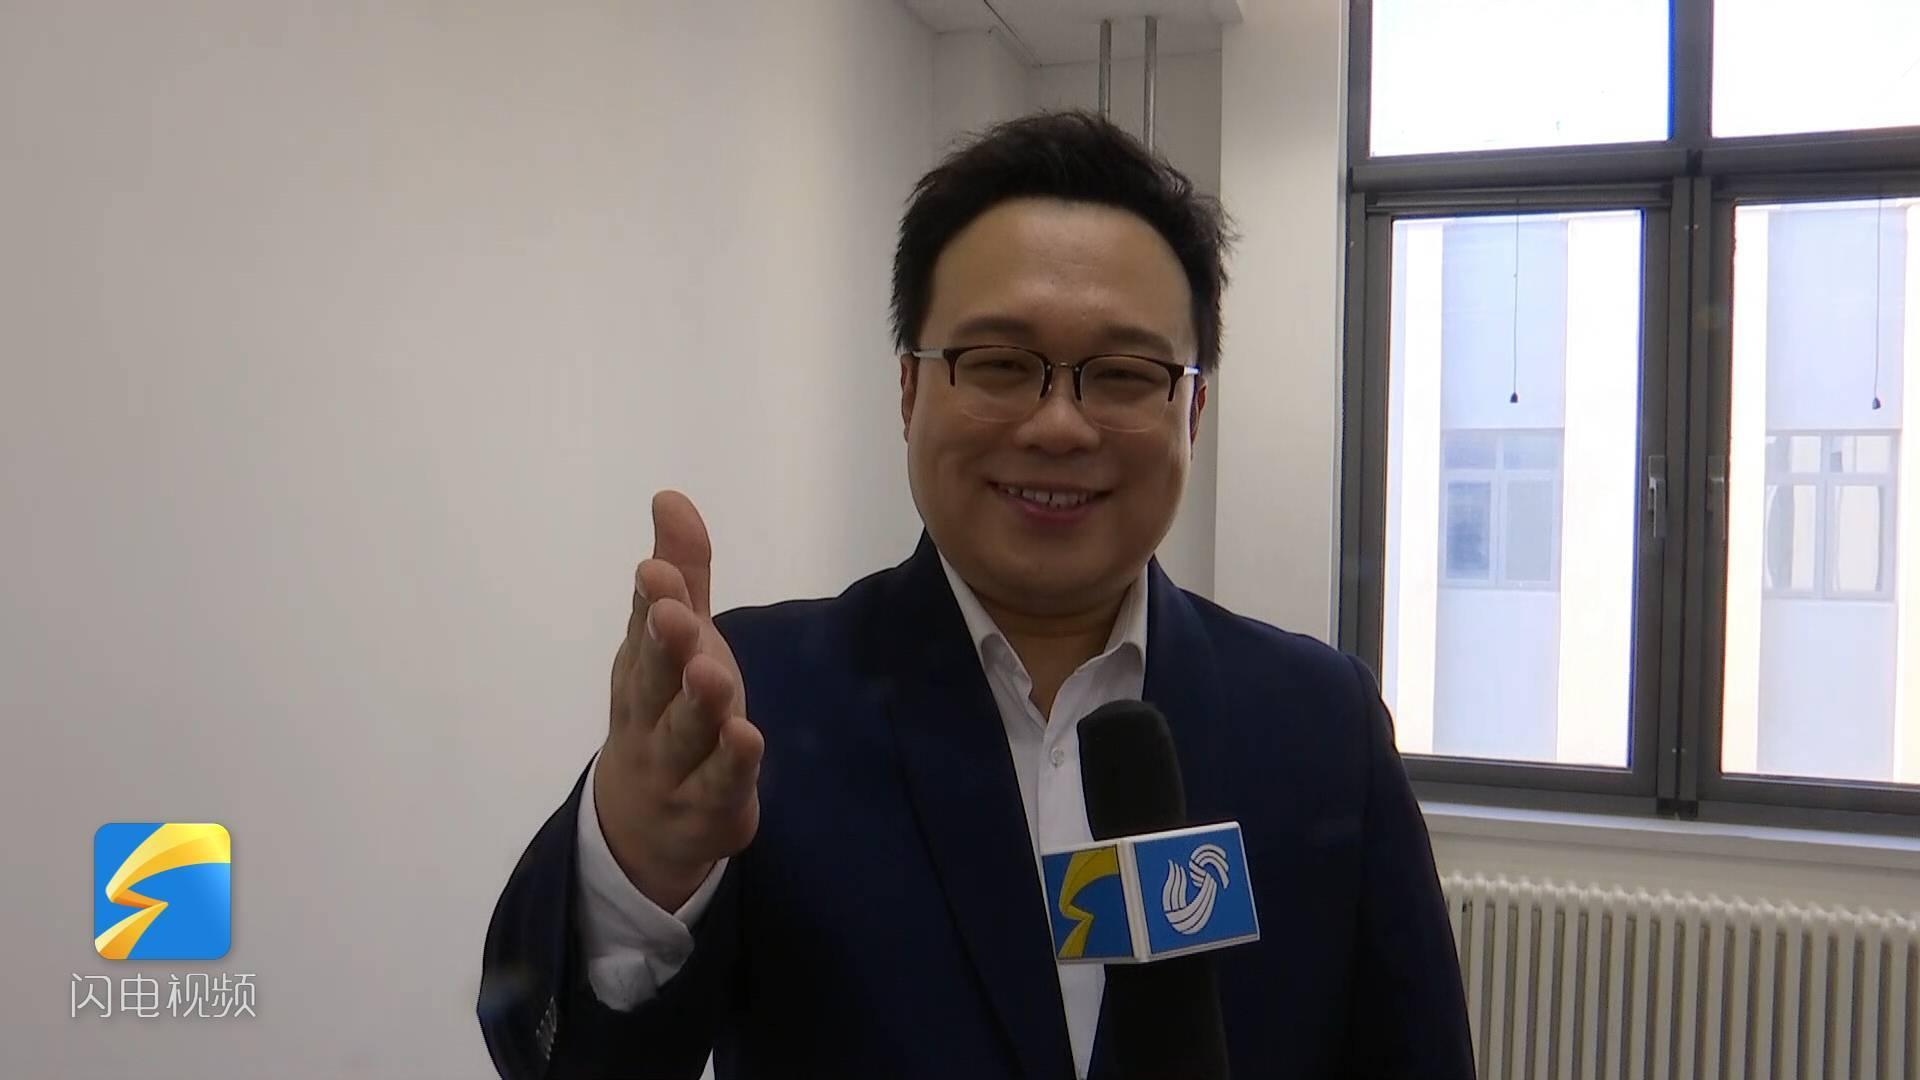 16秒丨山东广播电视台新闻频道上线 歌手李鳌送上祝福